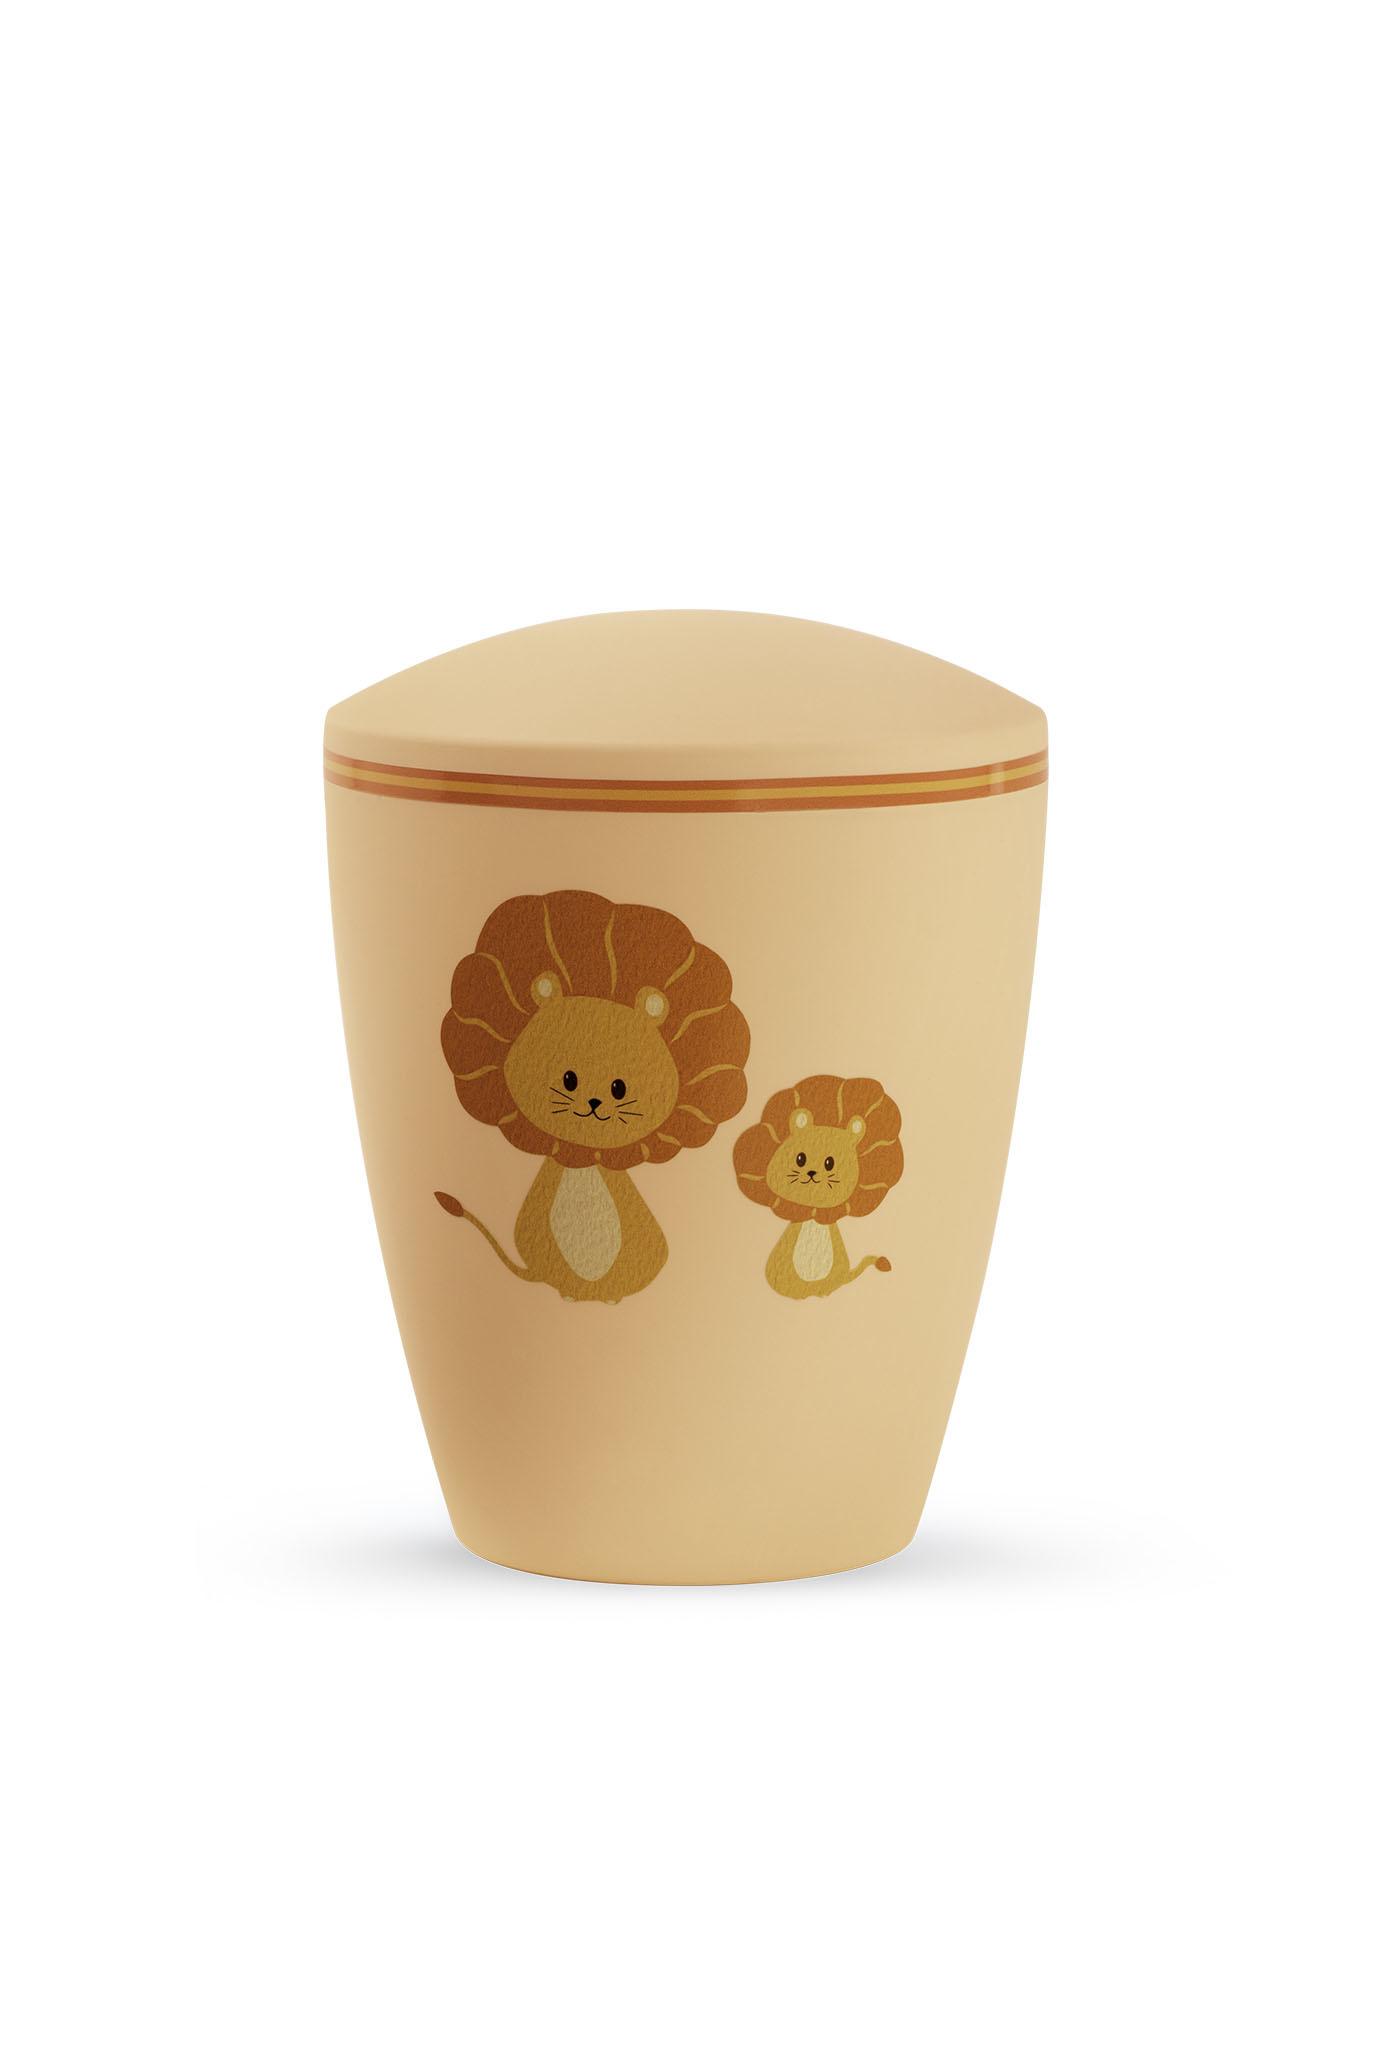 Kinder urn leeuwen oranje - bio